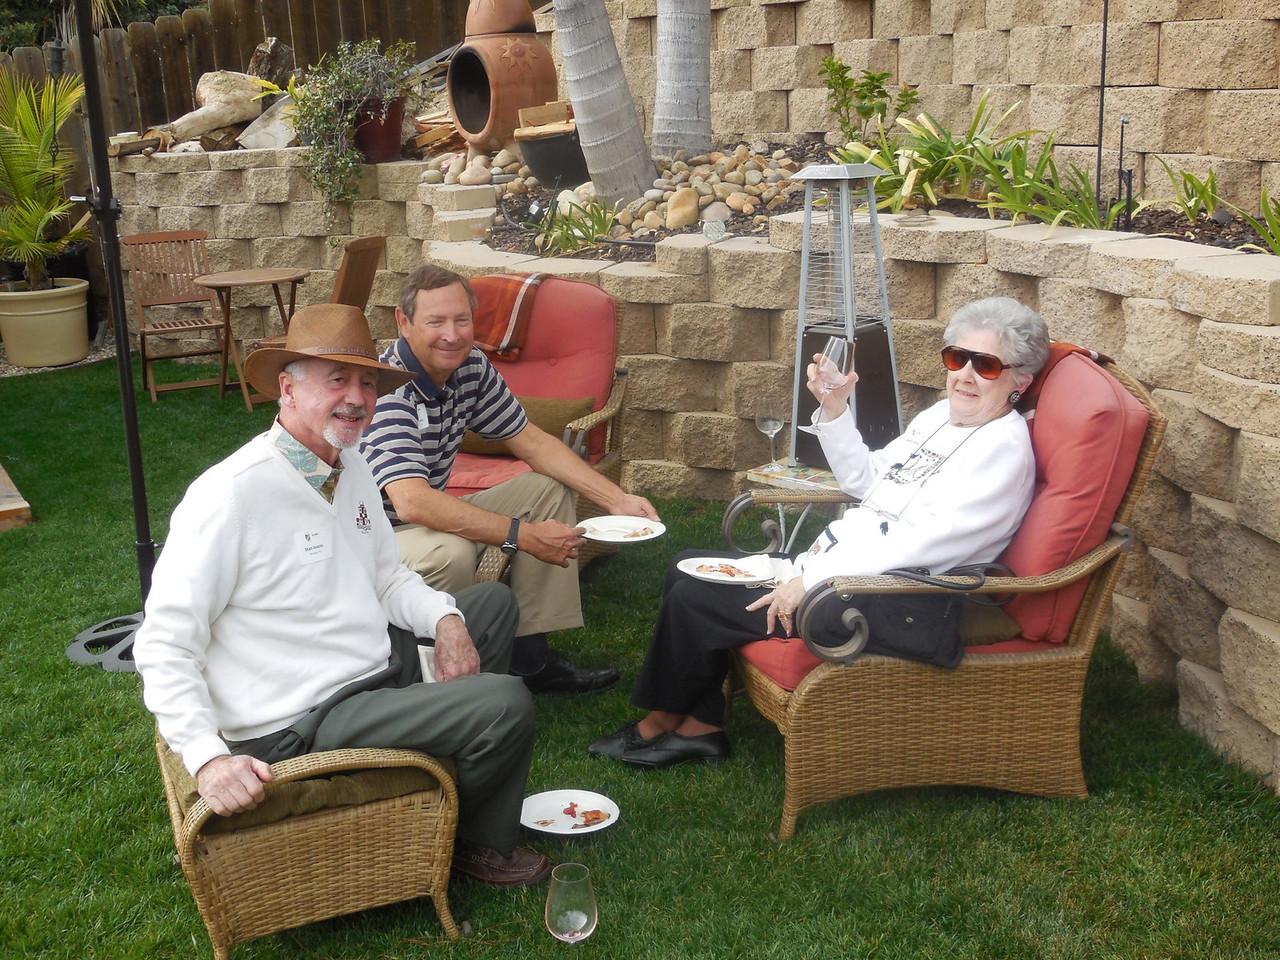 Stan Joosse (Mich. '61 ), Jerry Lucas (Purdue '72 ), and Laureli Joosse.